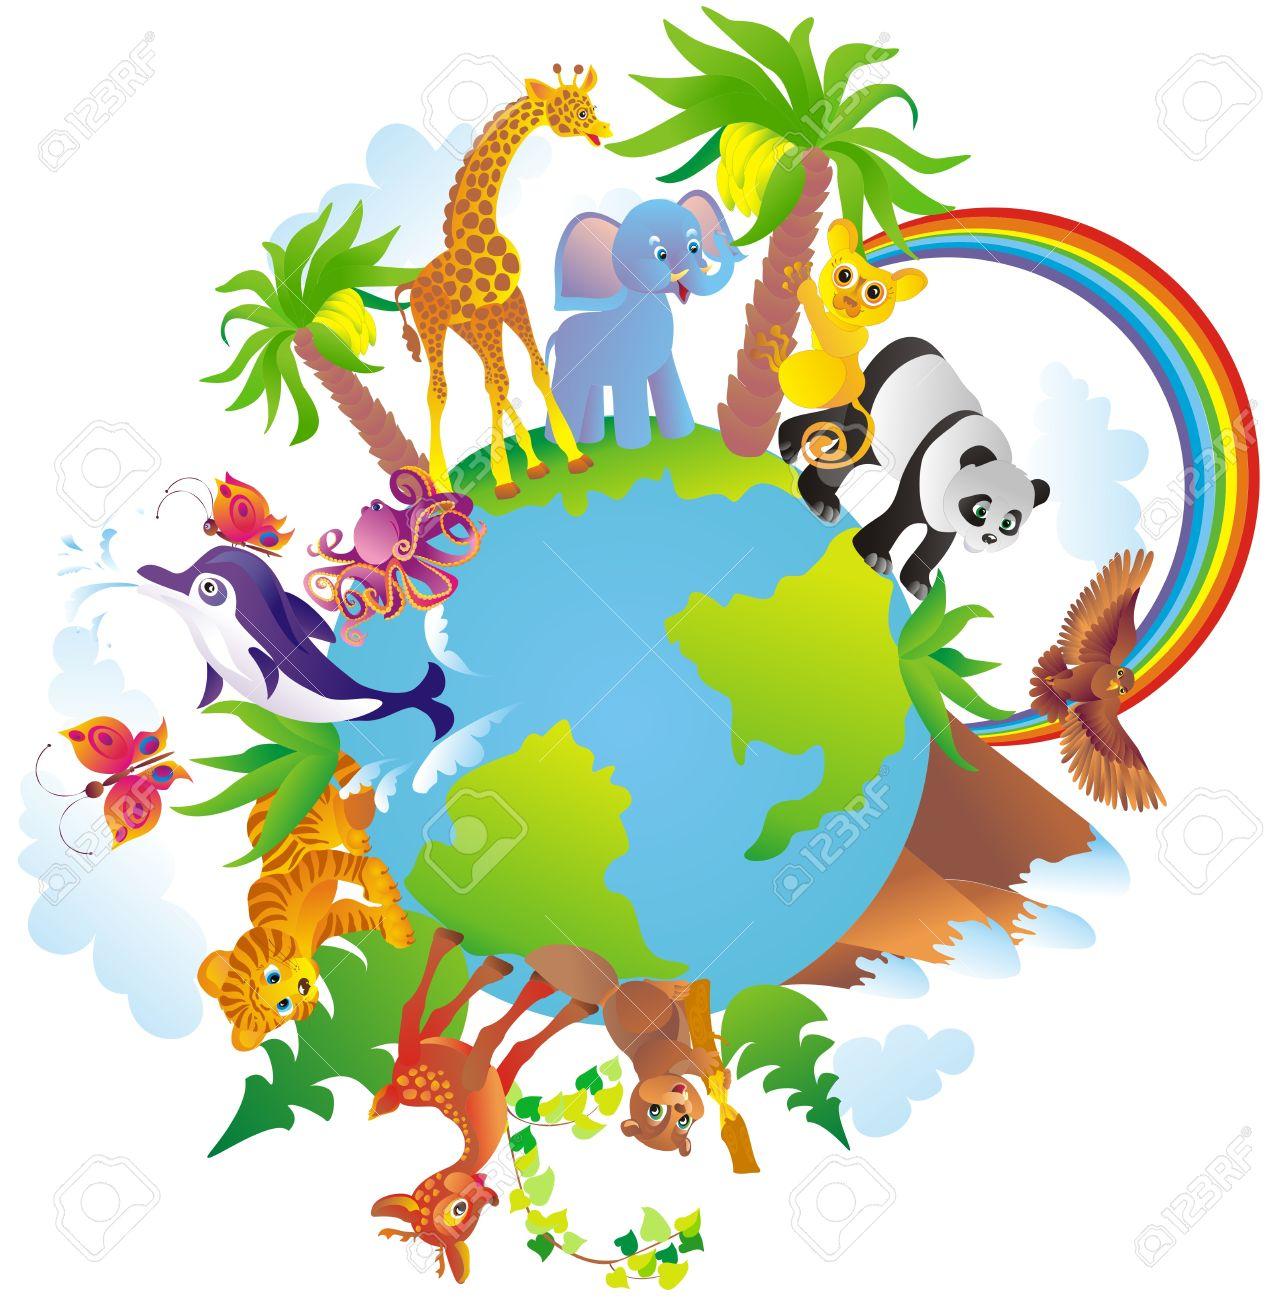 Животные на планете земля картинки 4